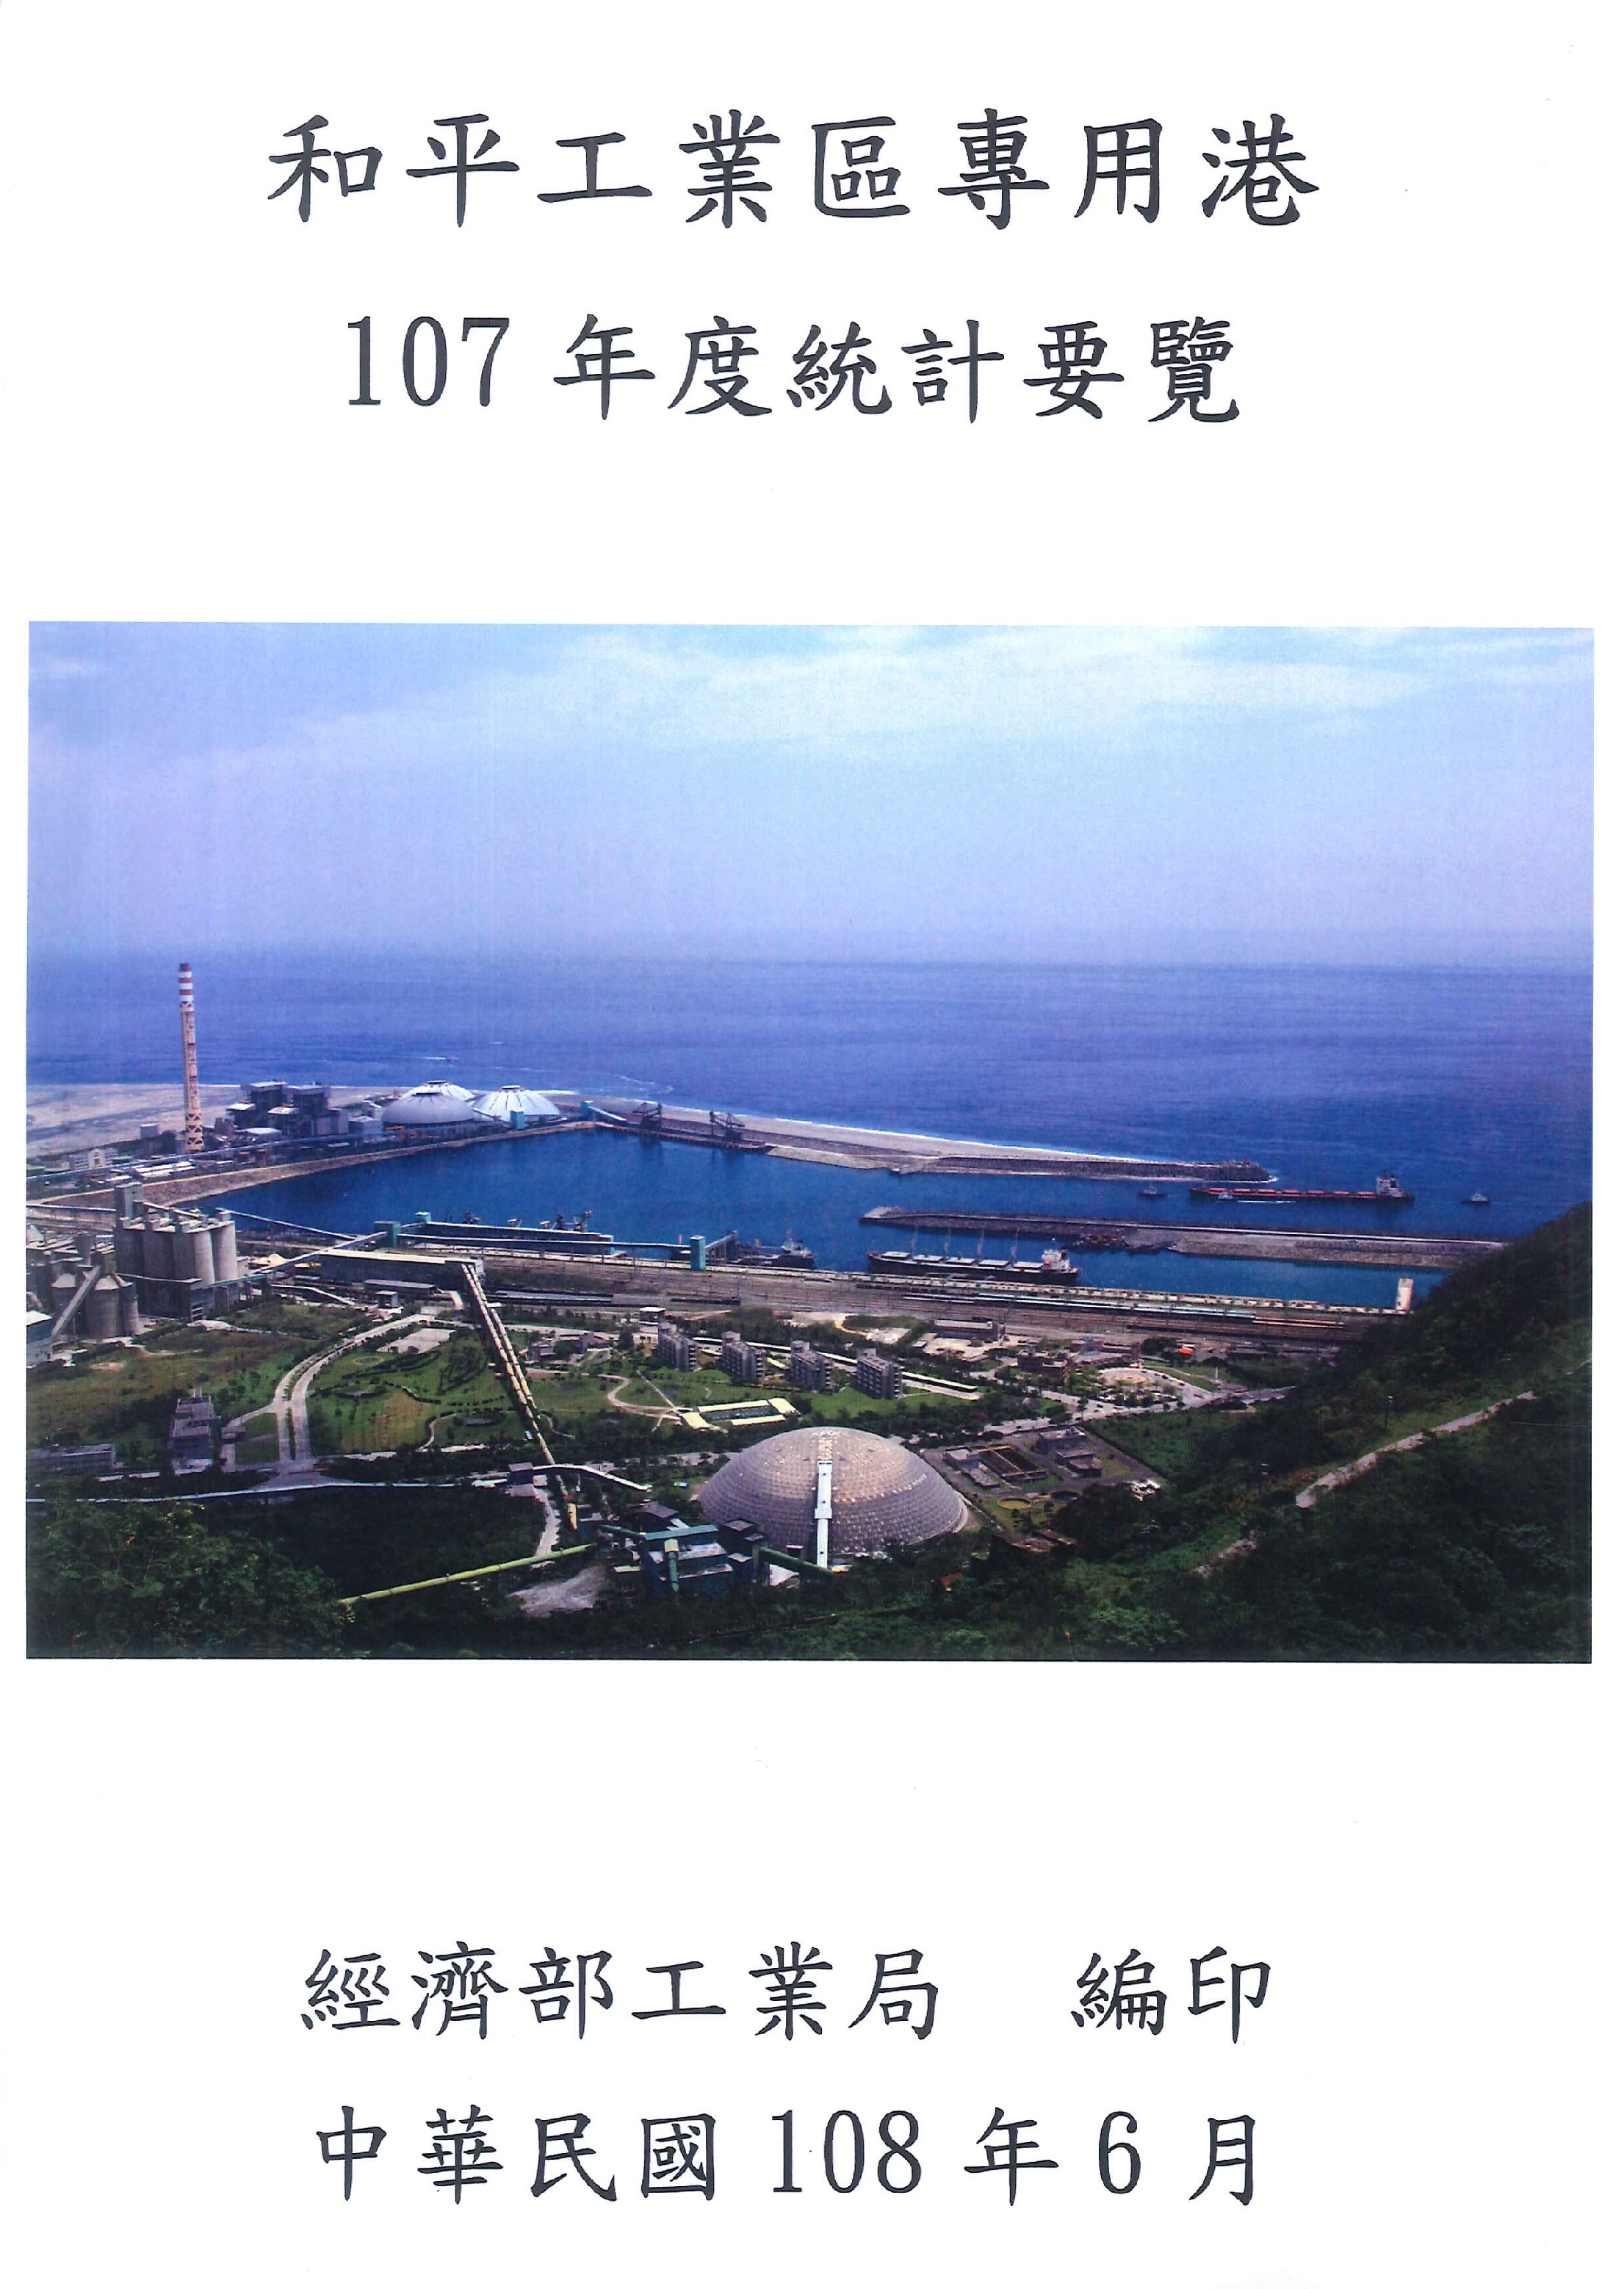 和平工業區專用港:統計要覽